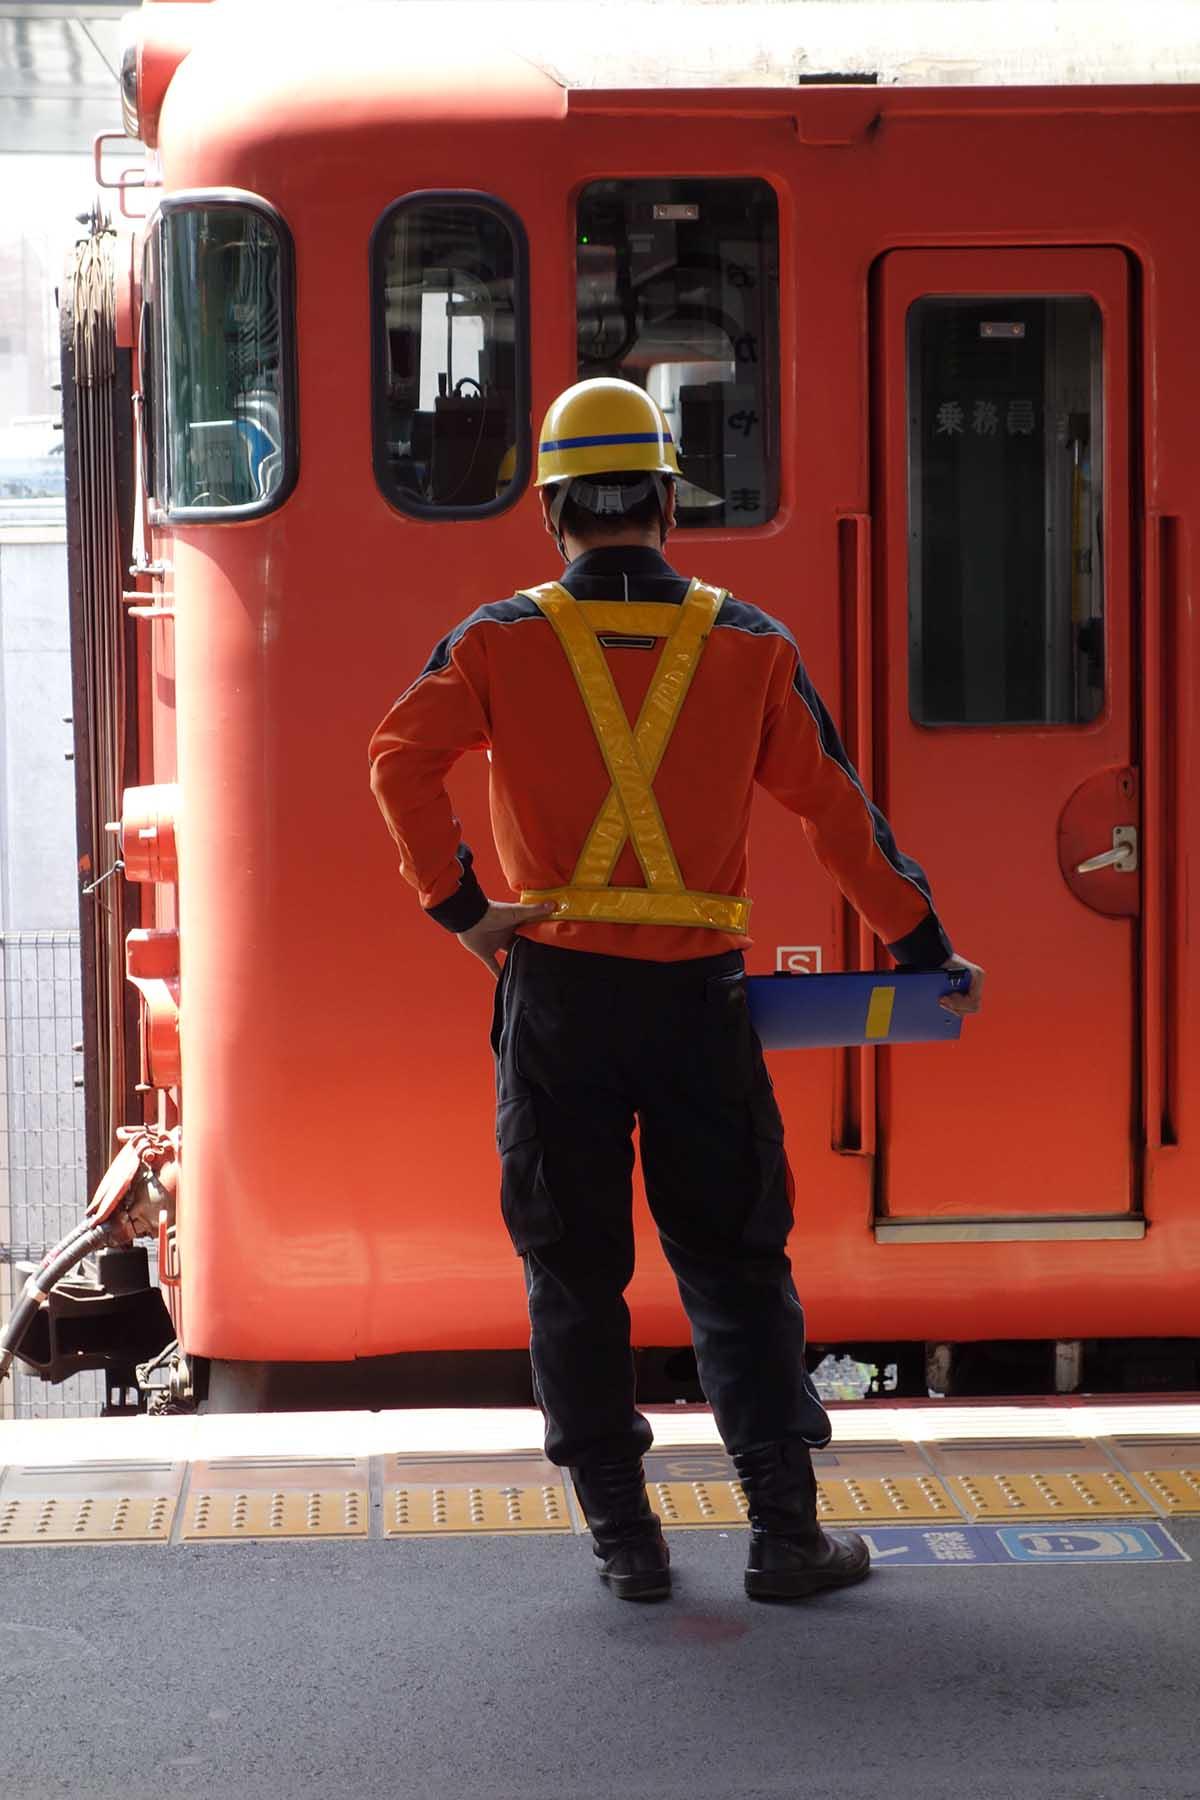 オレンジの電車の前の工事職員の後ろ姿